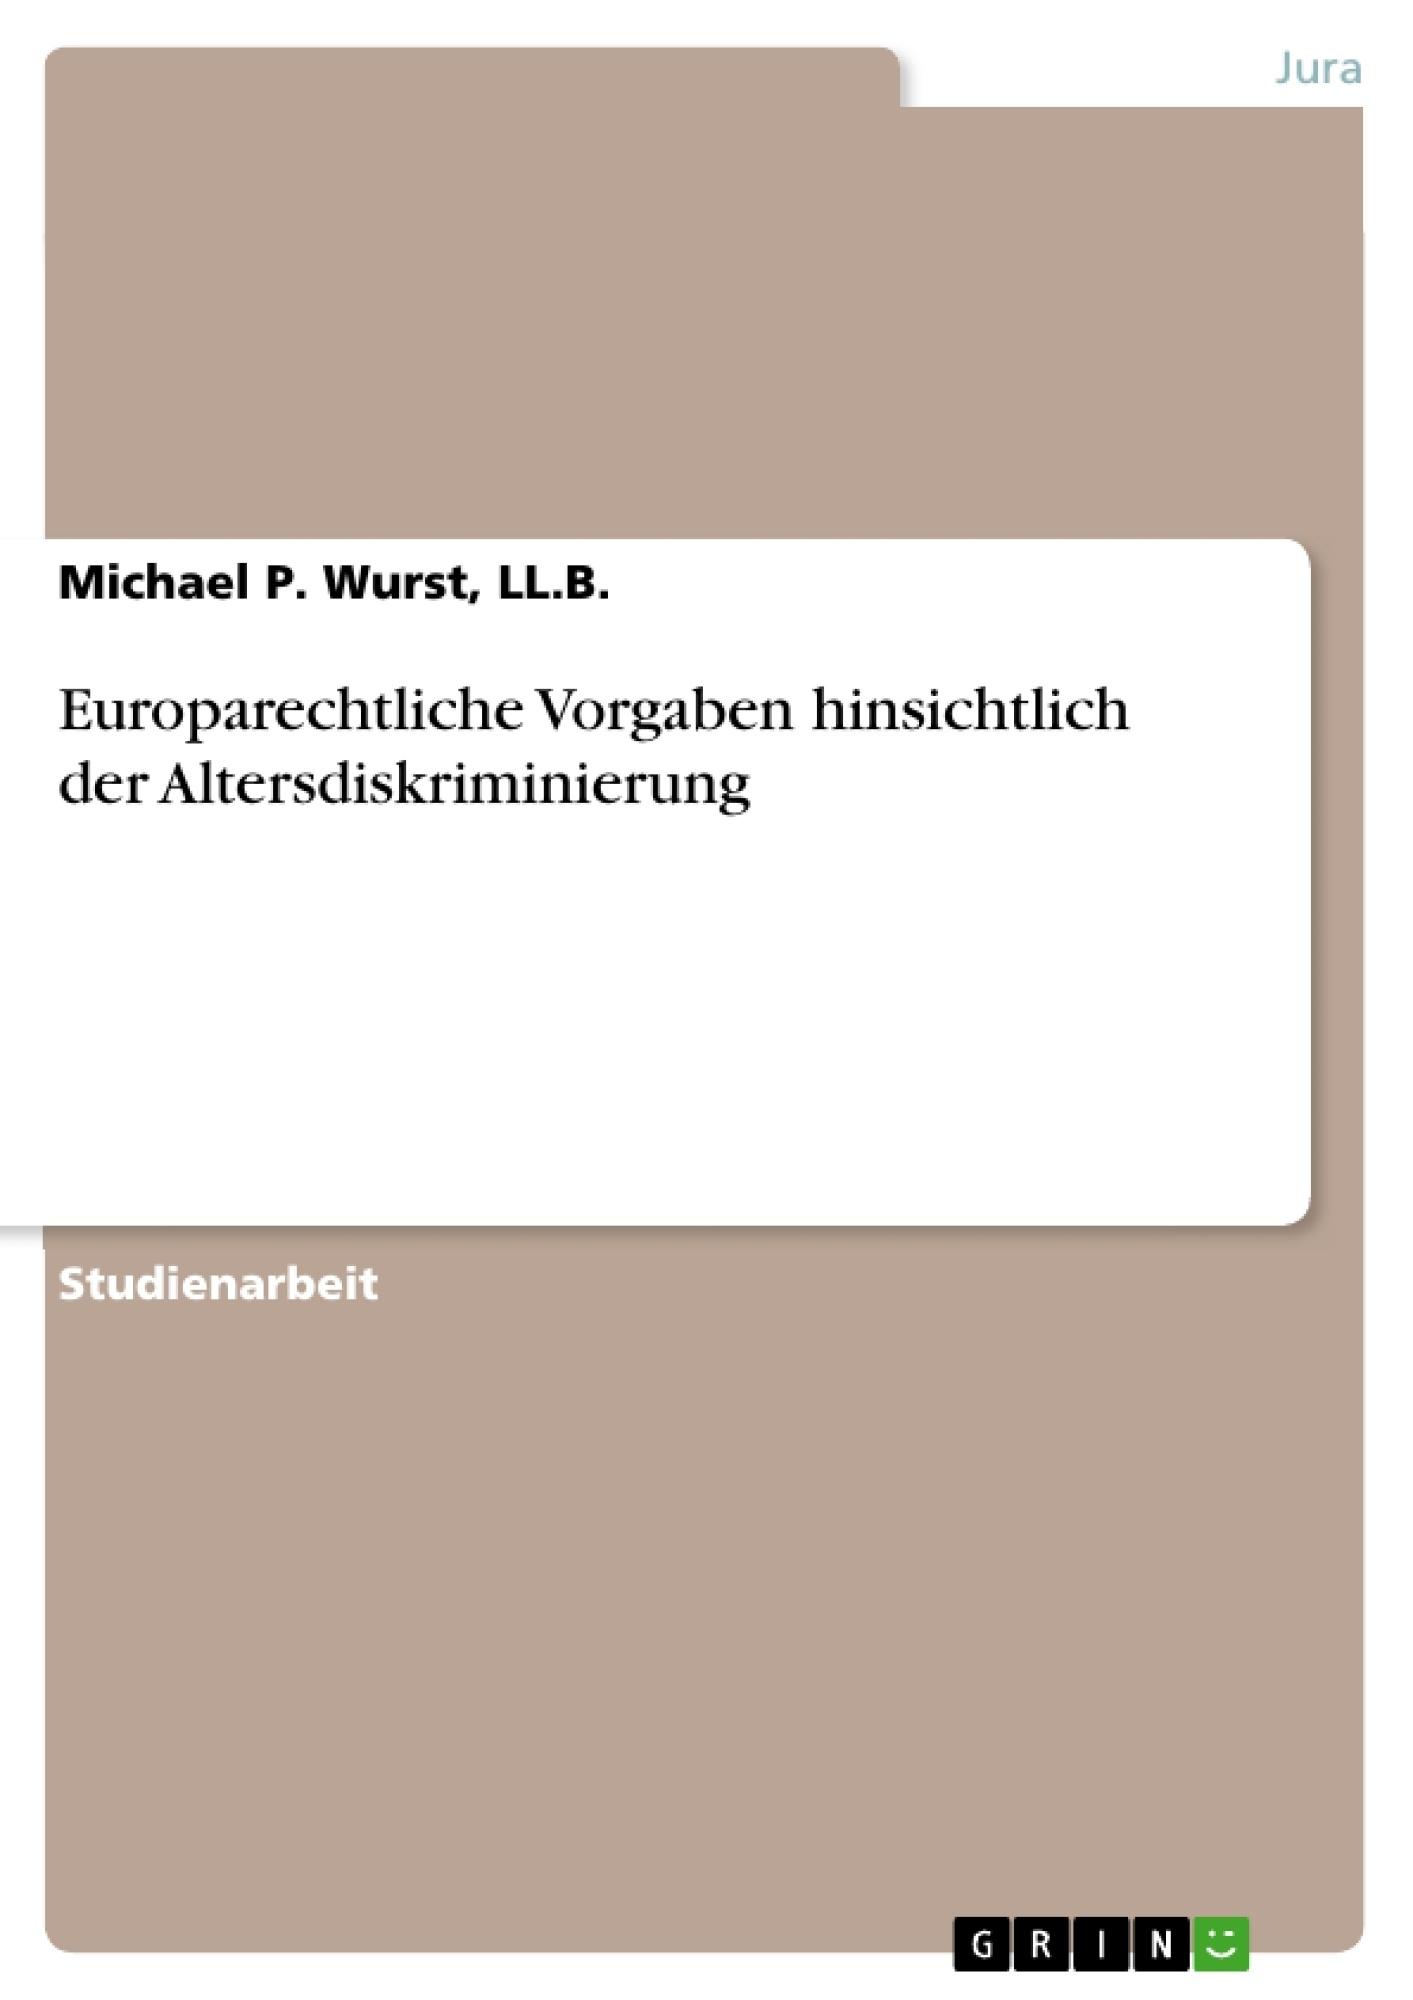 Titel: Europarechtliche Vorgaben hinsichtlich der Altersdiskriminierung